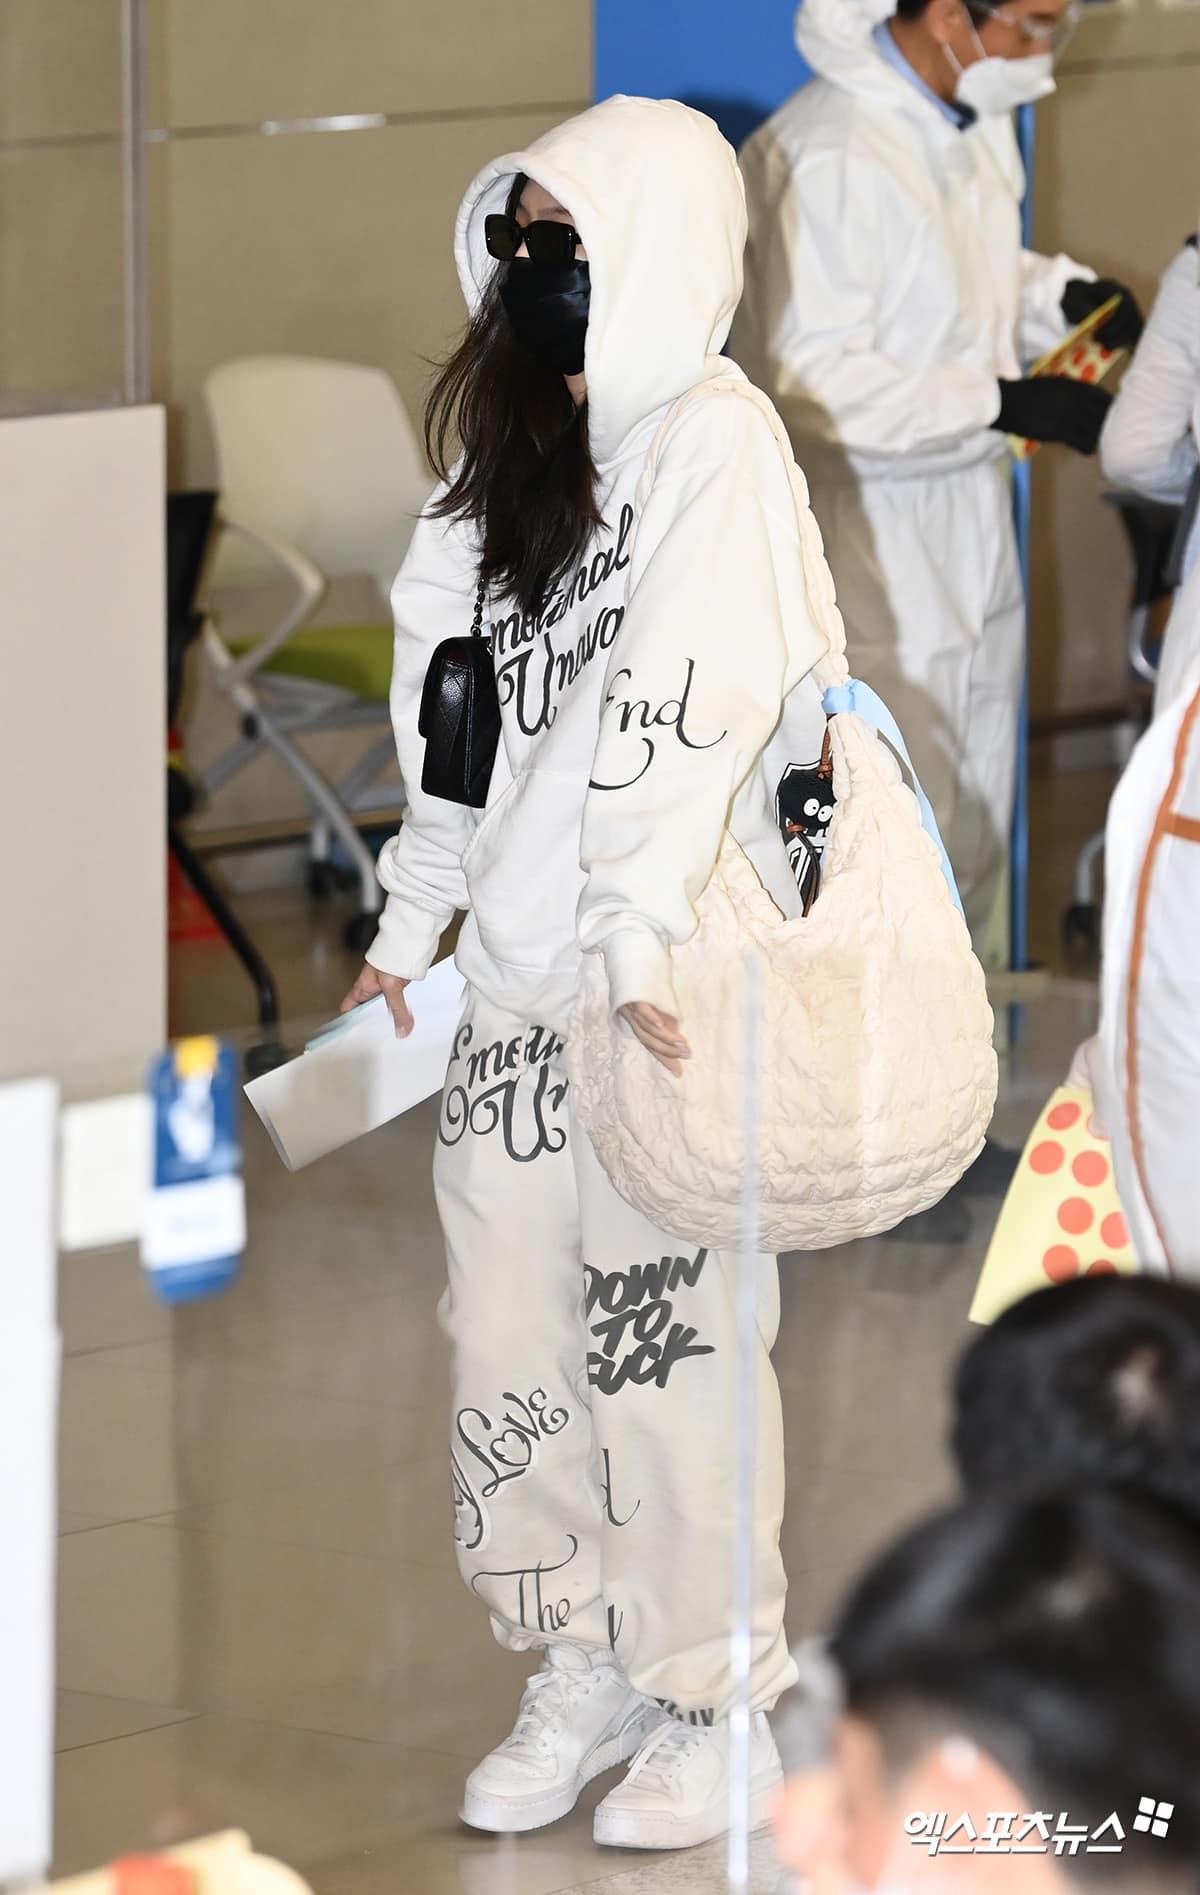 Jennie được khen cưng xỉu khi diện cả cây đồ nỉ trùm kín đầu, kết hợp giày thể thao và chiếc túi oversized cute phô mai que. Set đồ trông sang xịn hơn khi được Jennie mix cùng túi Chanel và kính Gentle Monster.